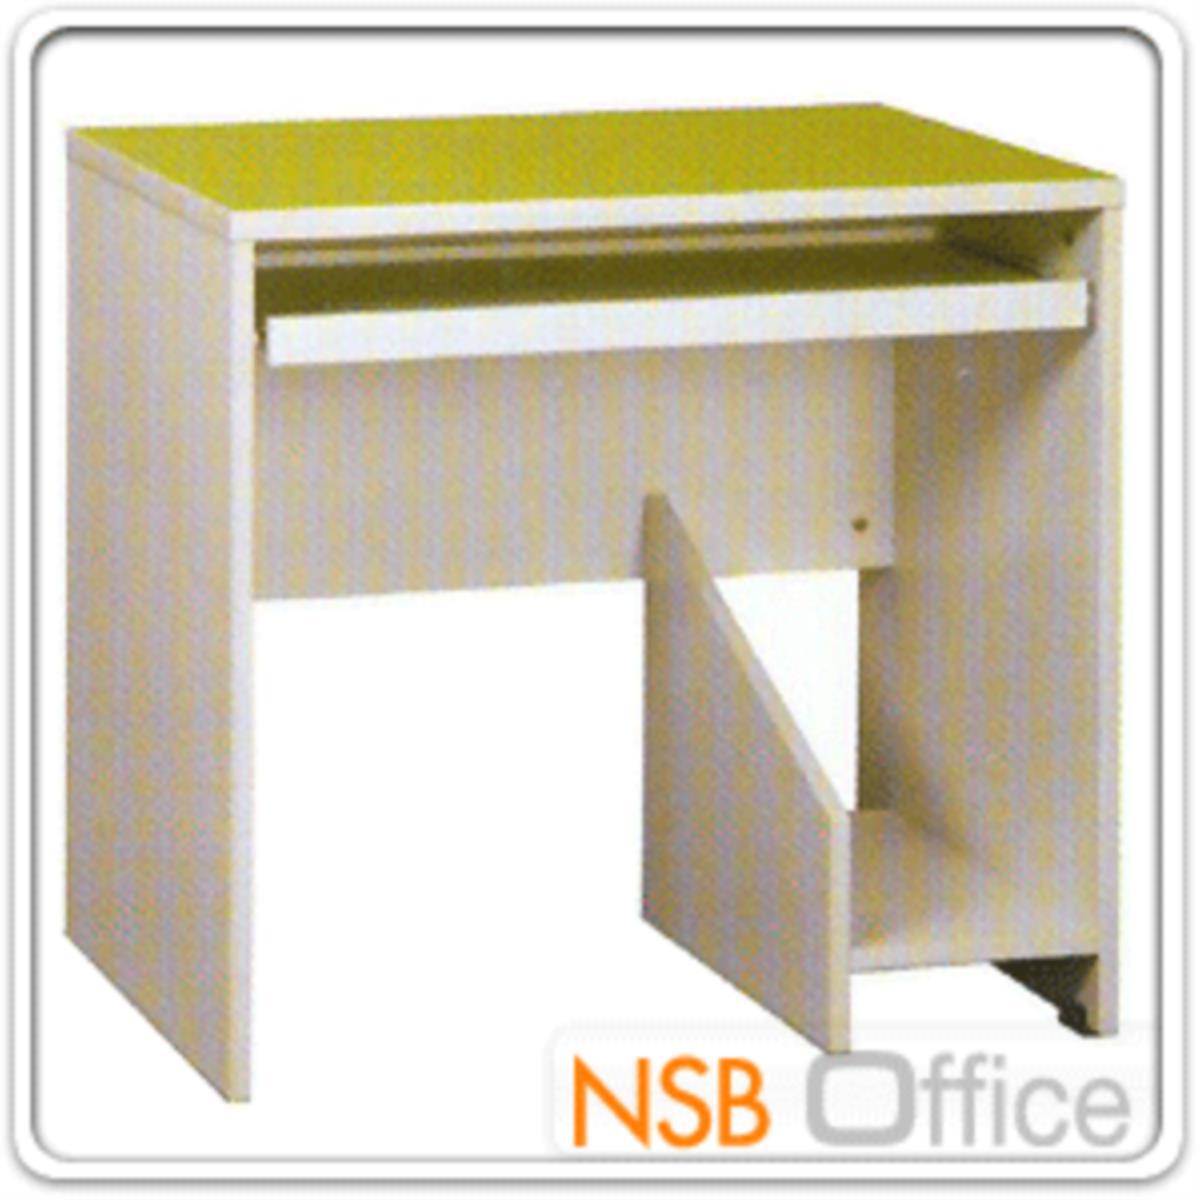 โต๊ะคอมพิวเตอร์  รุ่น Bongiovi (บอนโจวี) ขนาด 80W ,100W cm.  พร้อมที่วางซีพียู เมลามีน